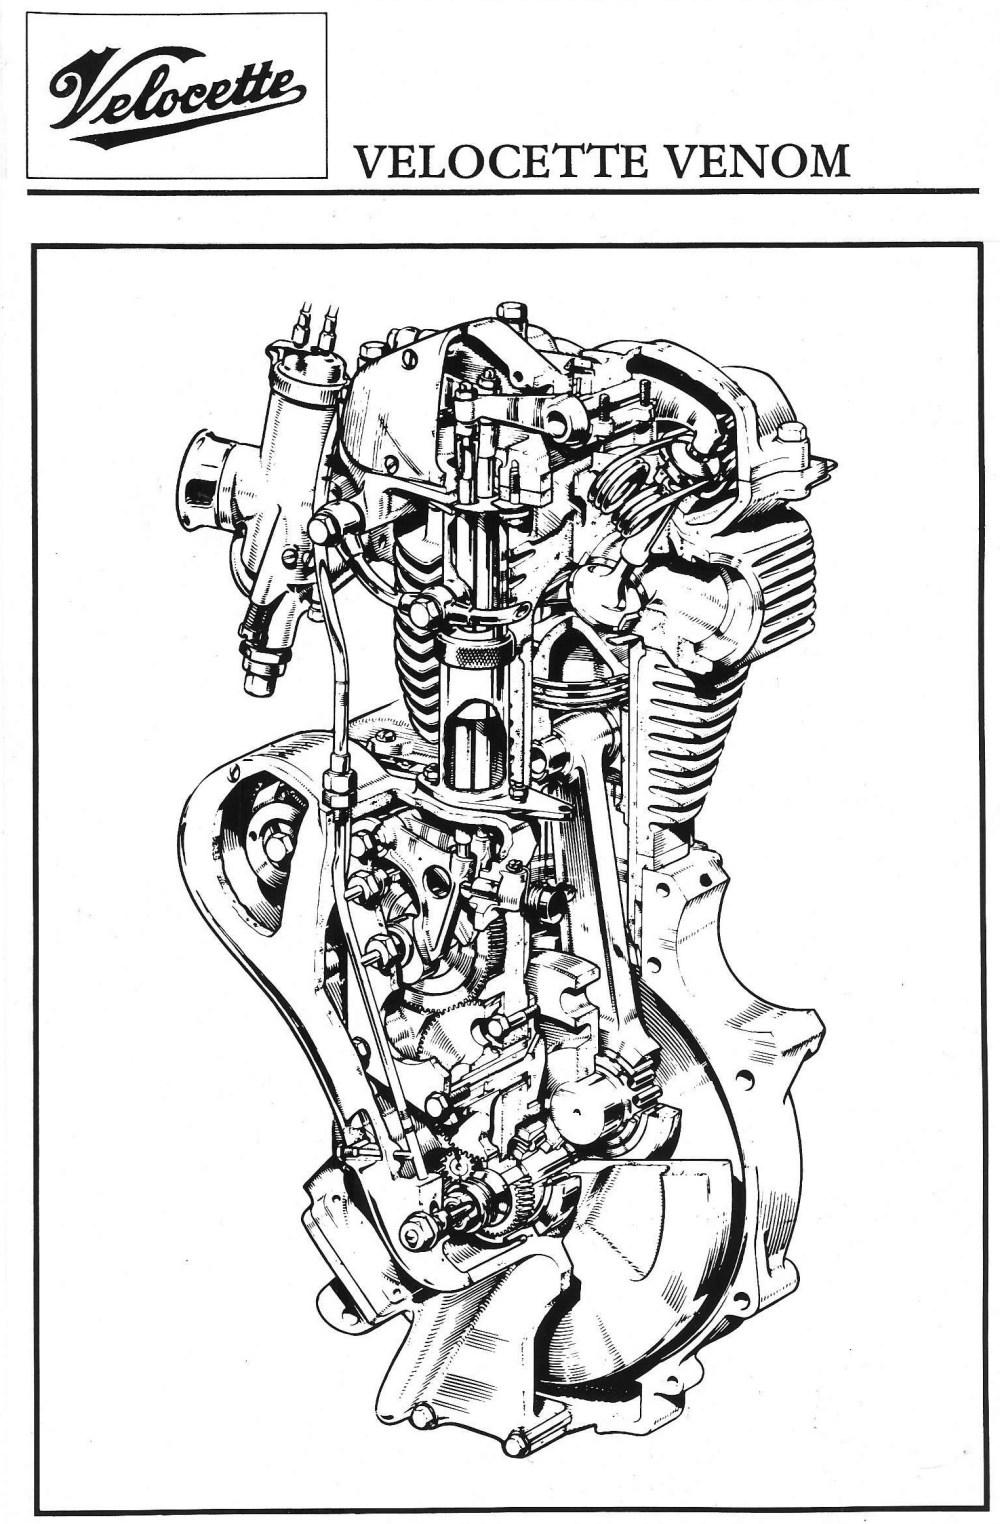 medium resolution of venom motor